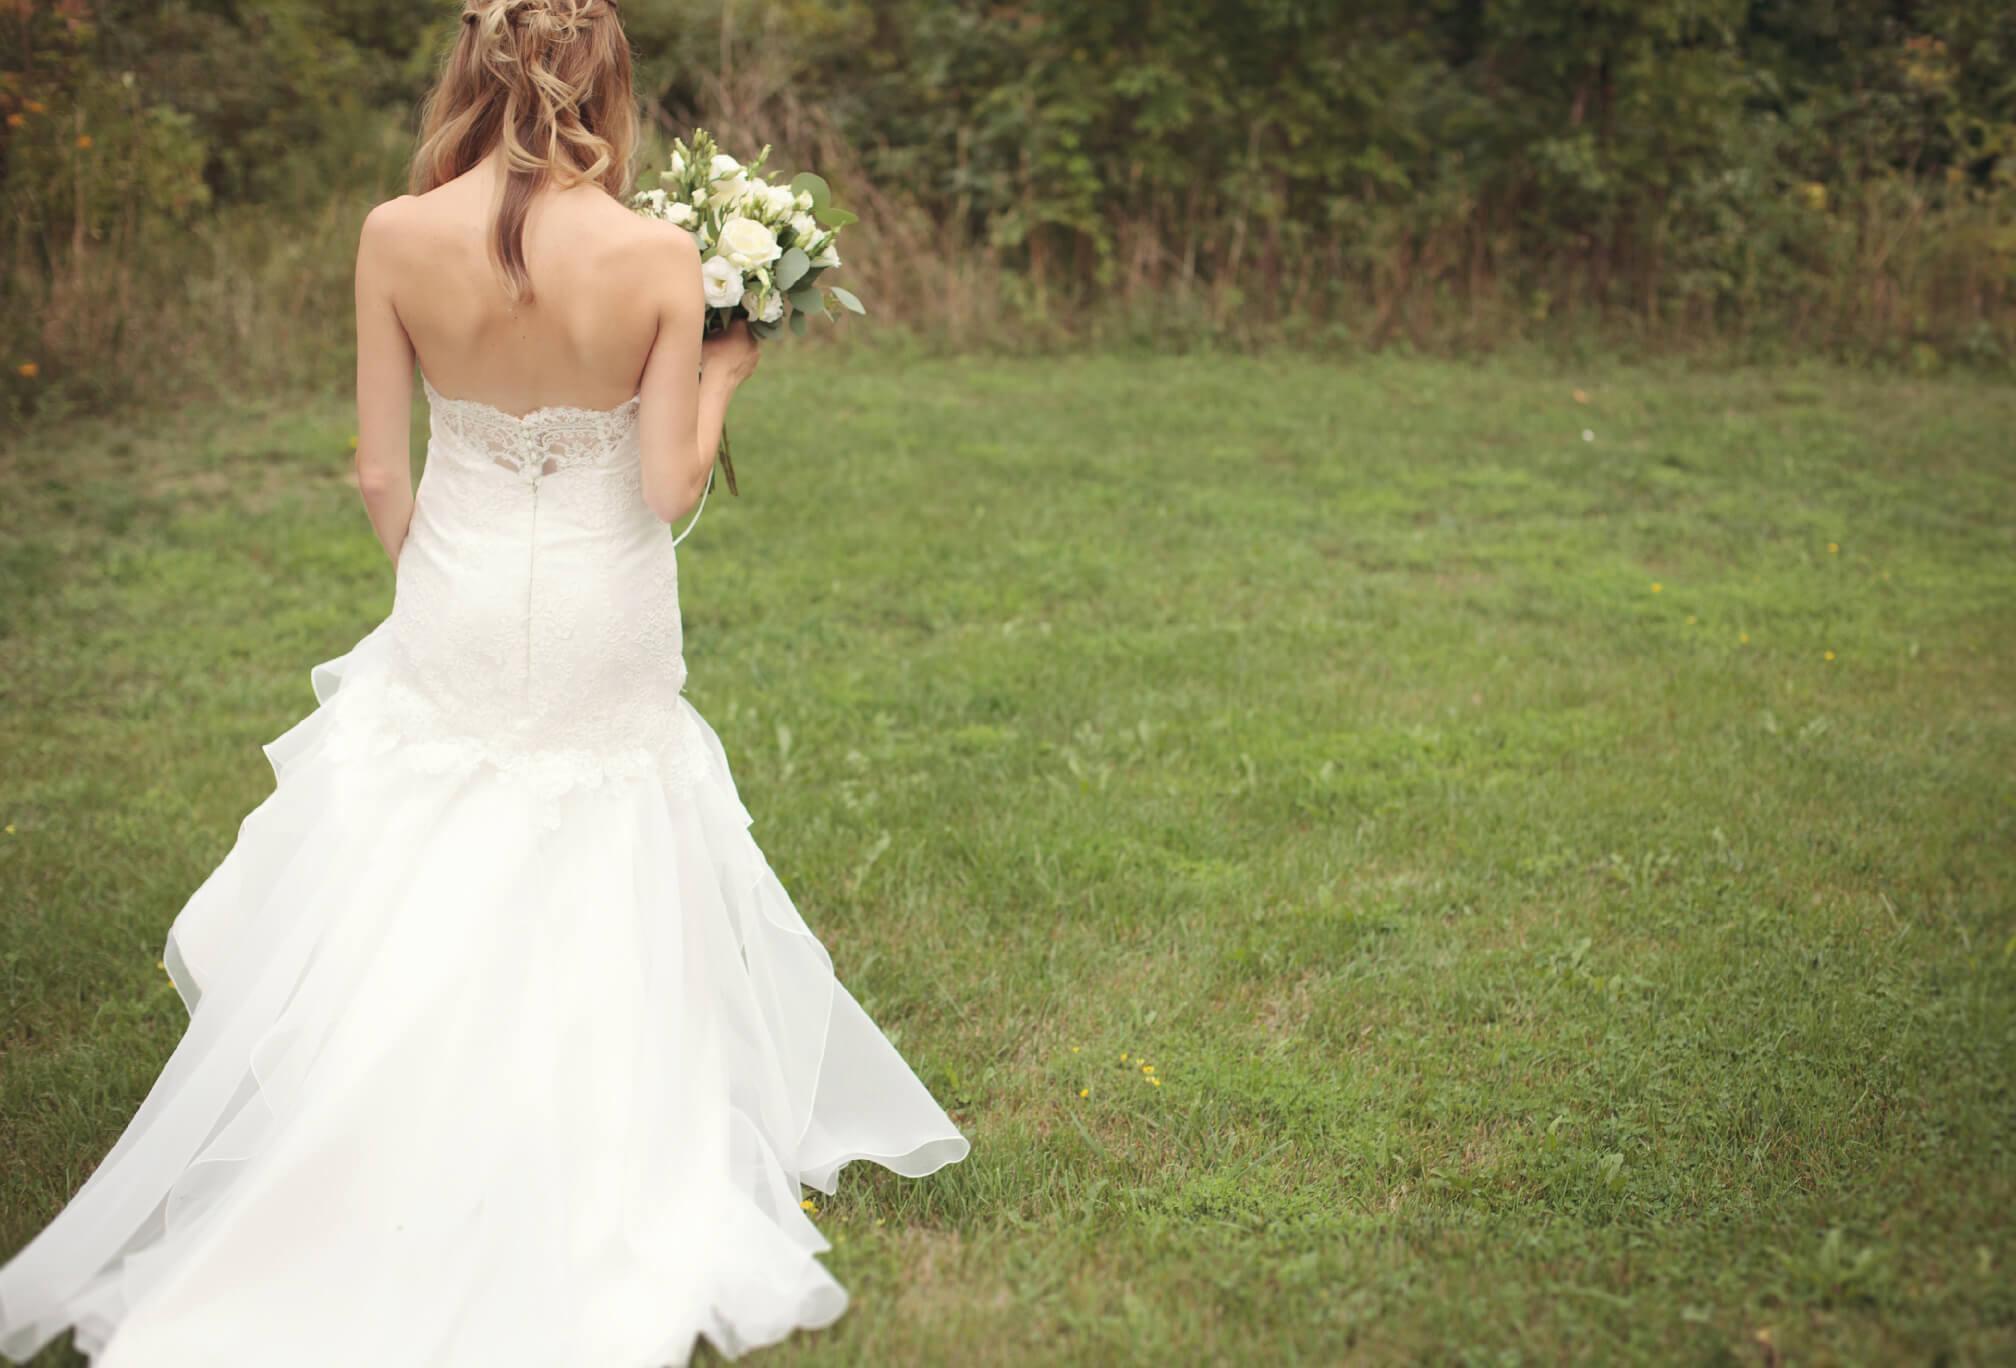 natural wedding photography ontario